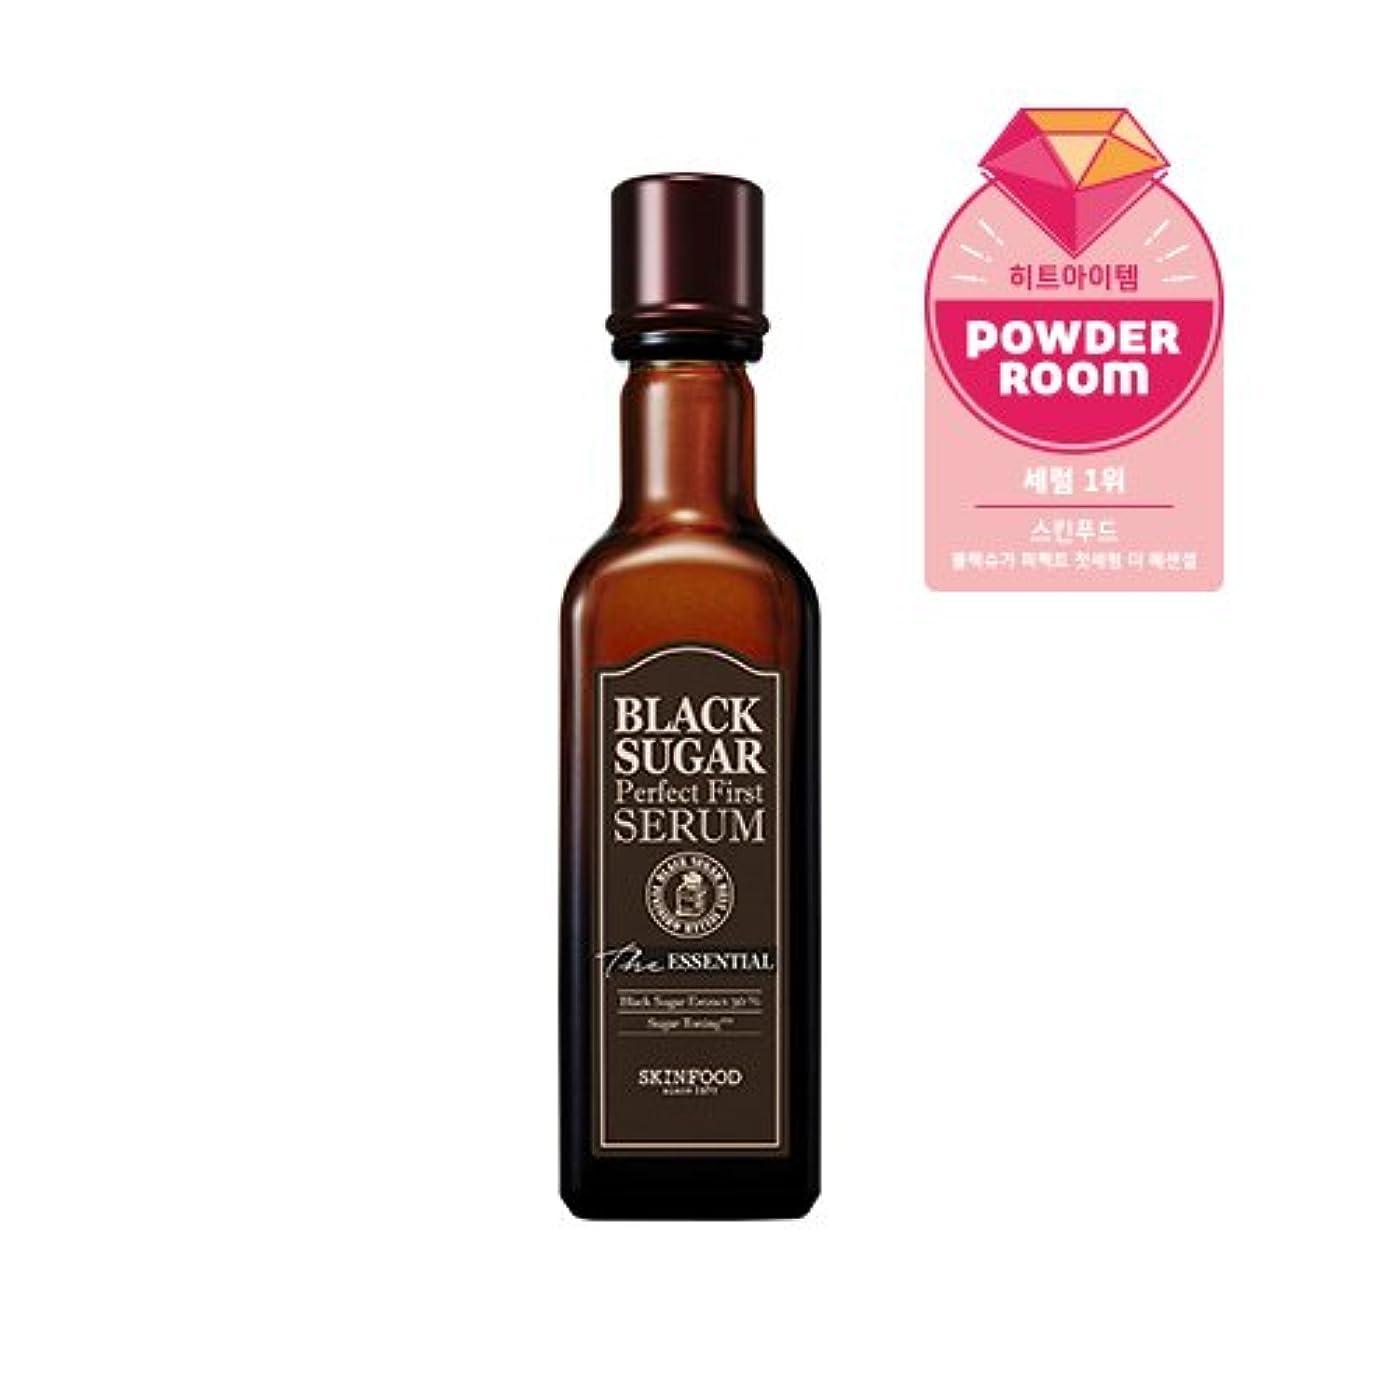 ぼかす同僚支配するSkinfood black sugar perfect first serum the essential/黒糖完璧な最初の血清必須/120ml +60ea [並行輸入品]